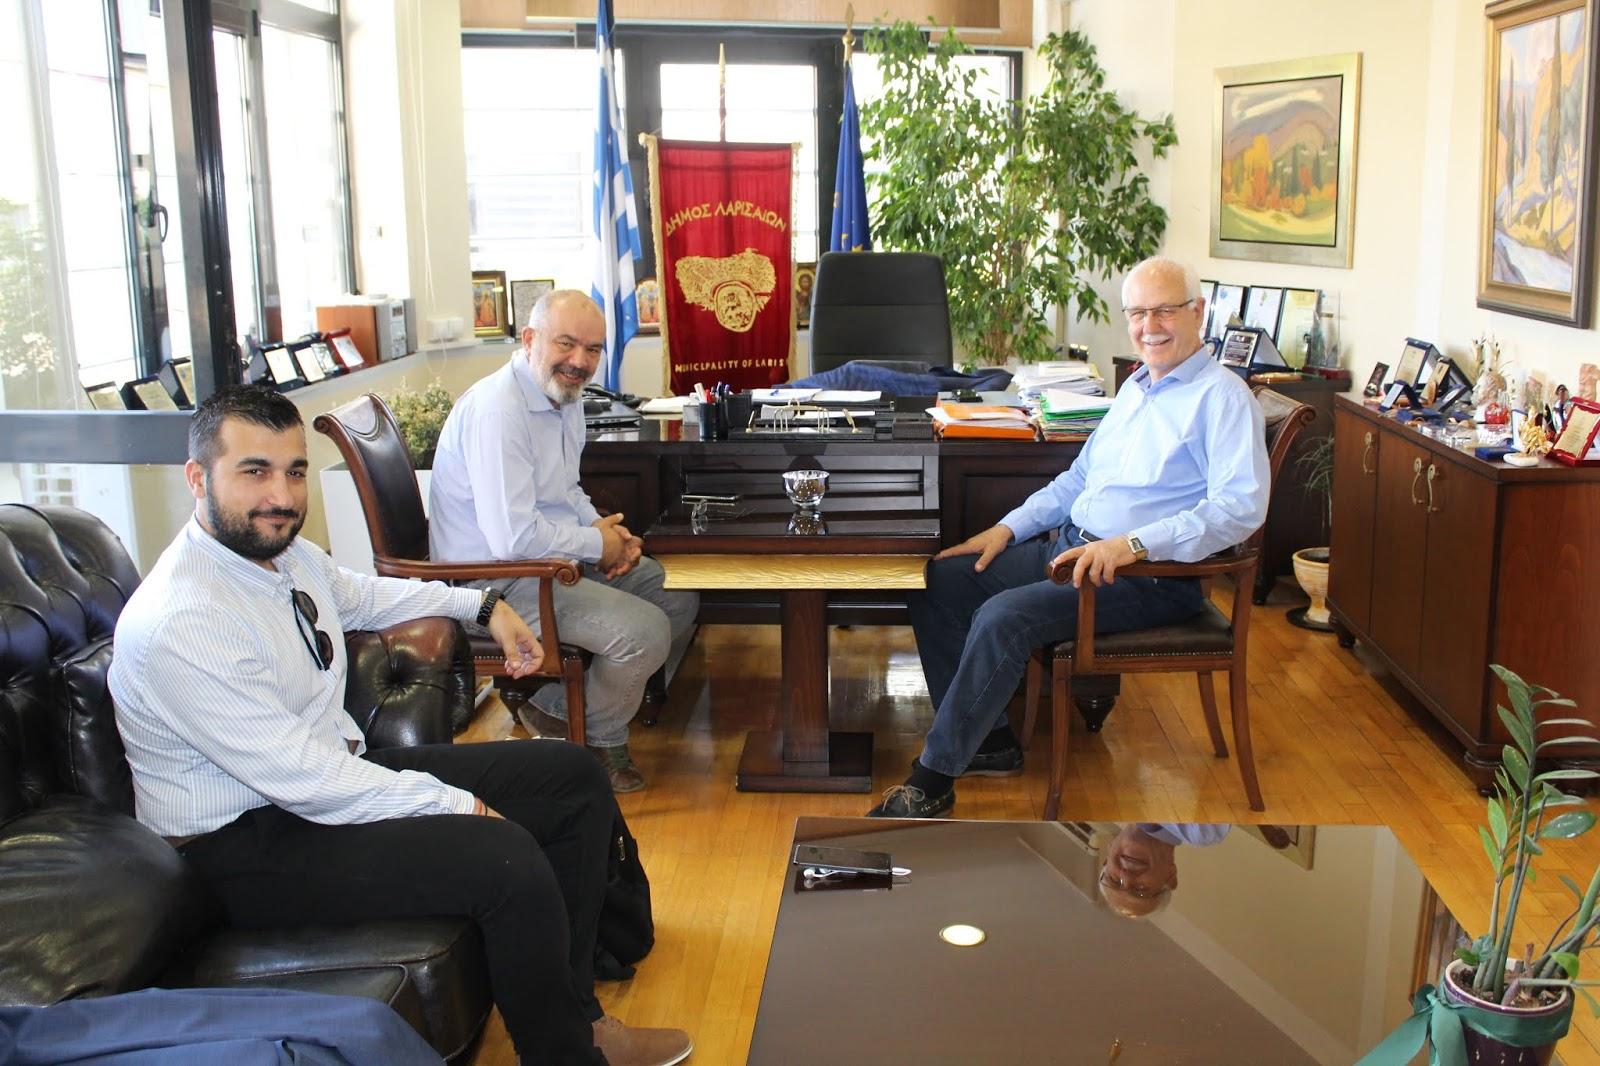 Συνάντηση Μπαργιώτα-Καλογιάννη στο Δήμο Λαρισαίων